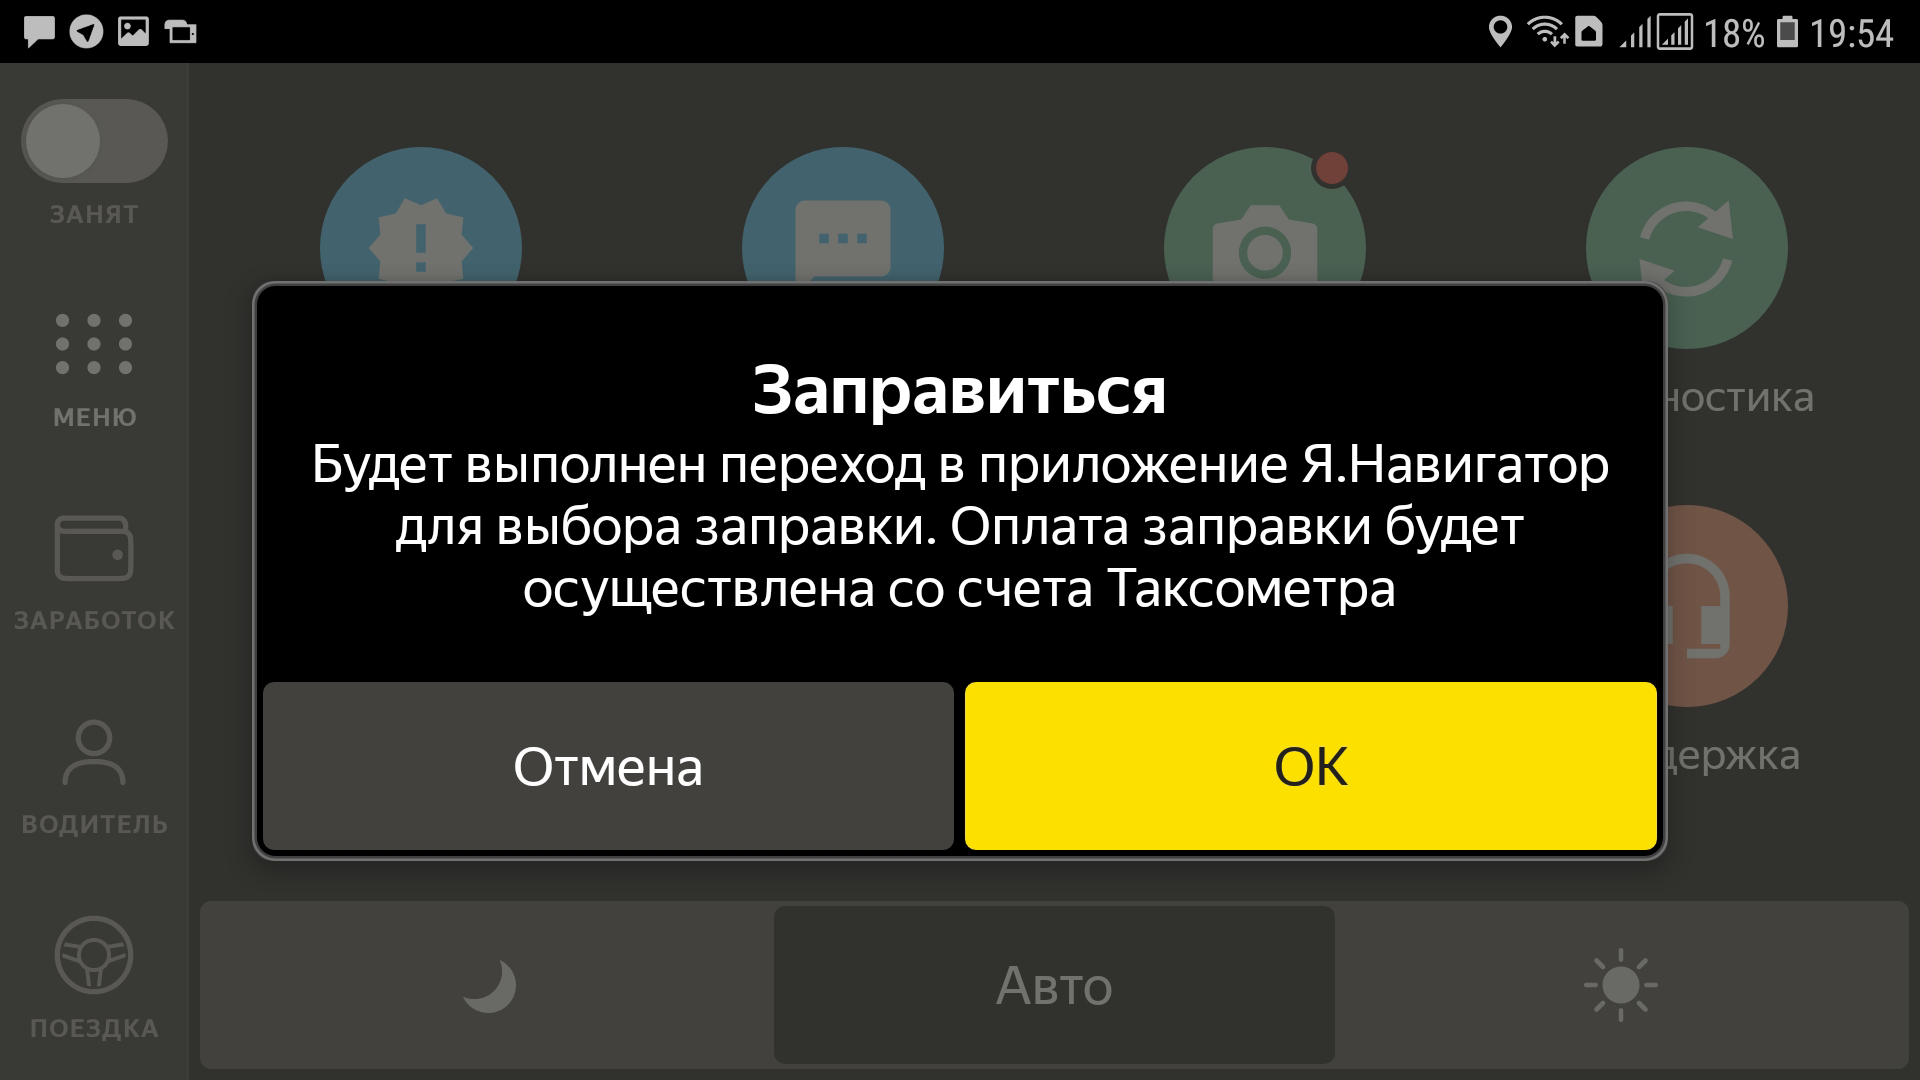 Таксометр предложит открыть Навигатор